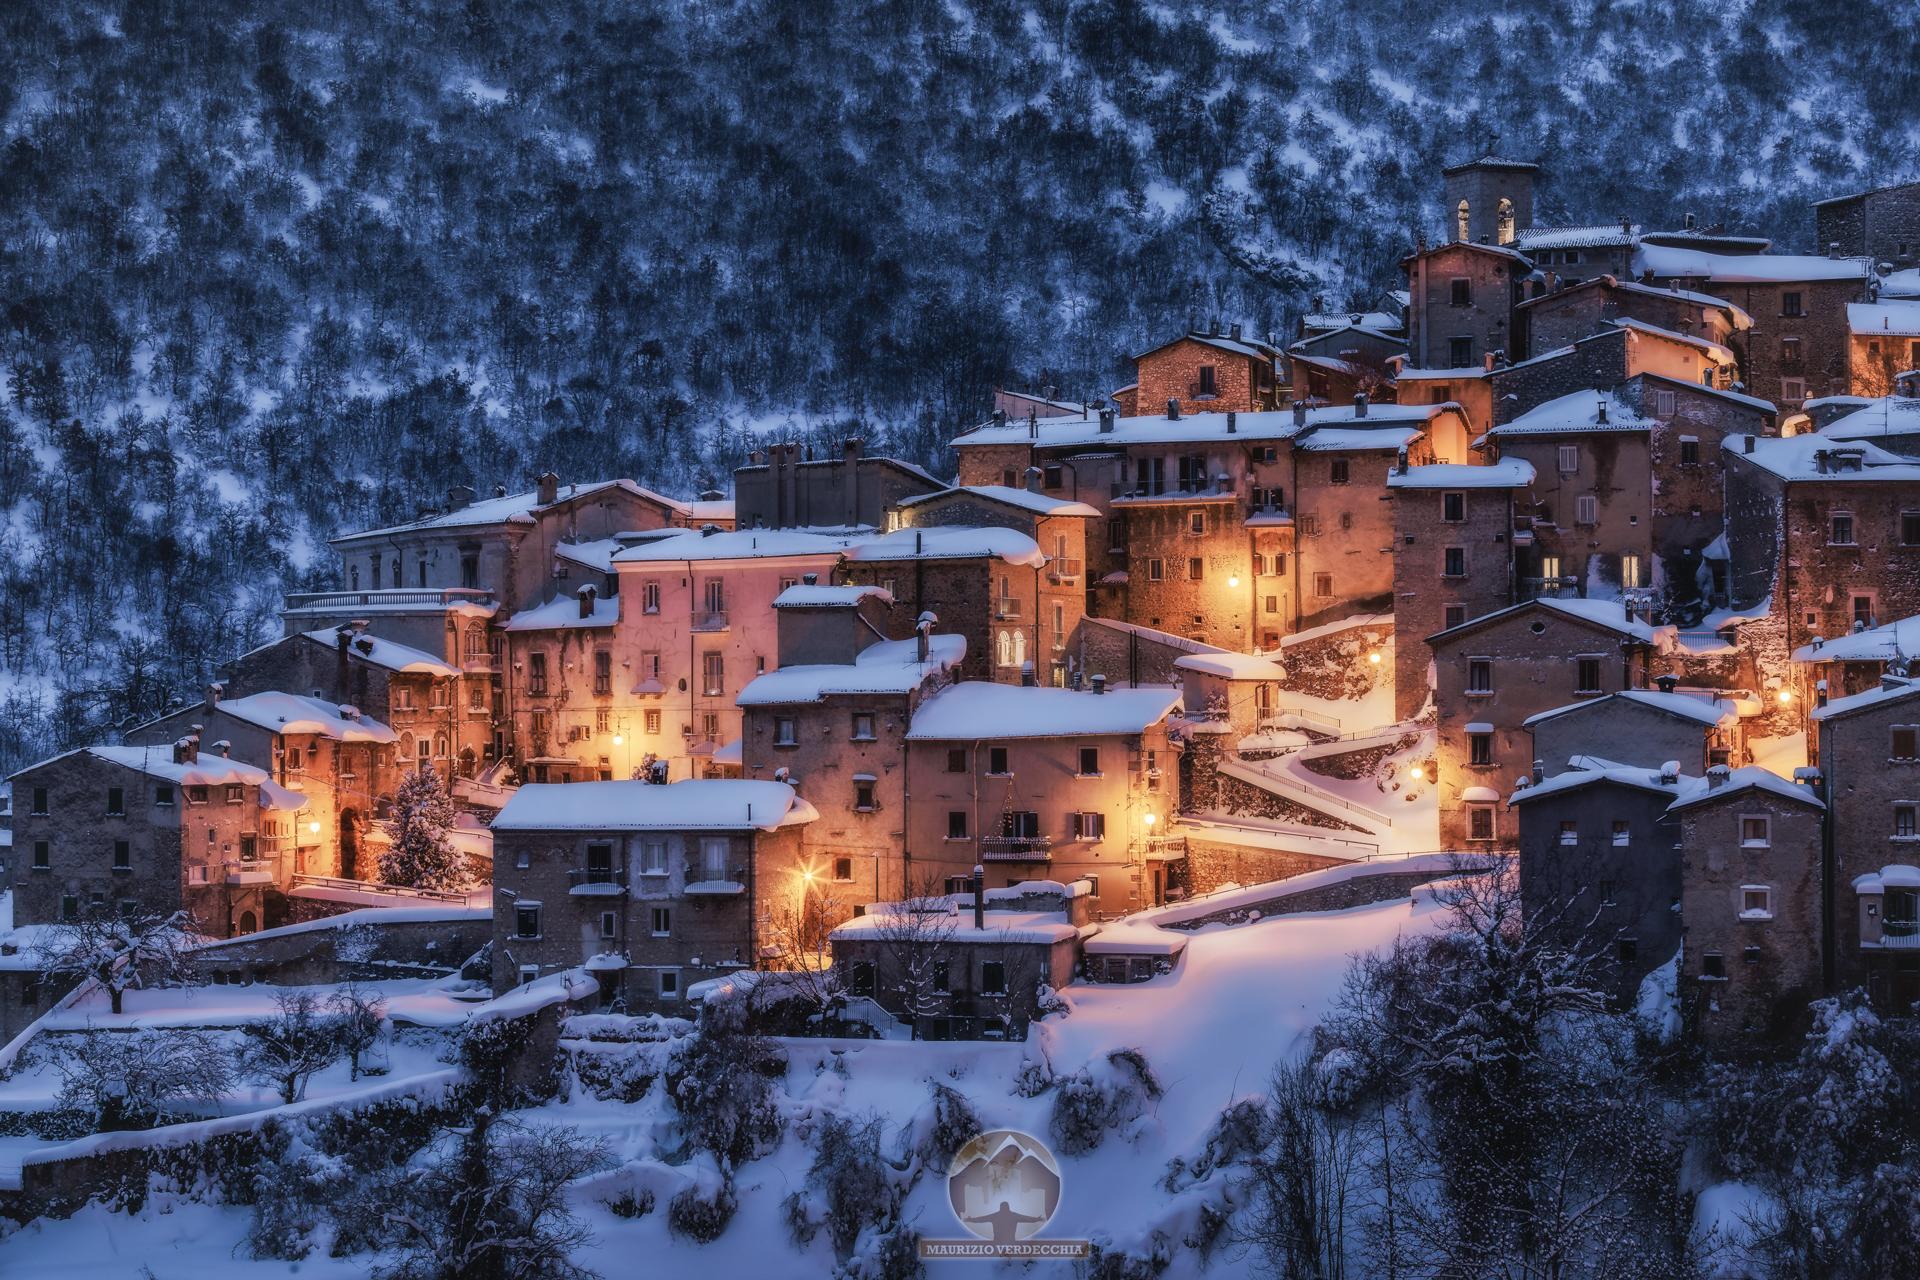 Scanno - La Grande nevicata...